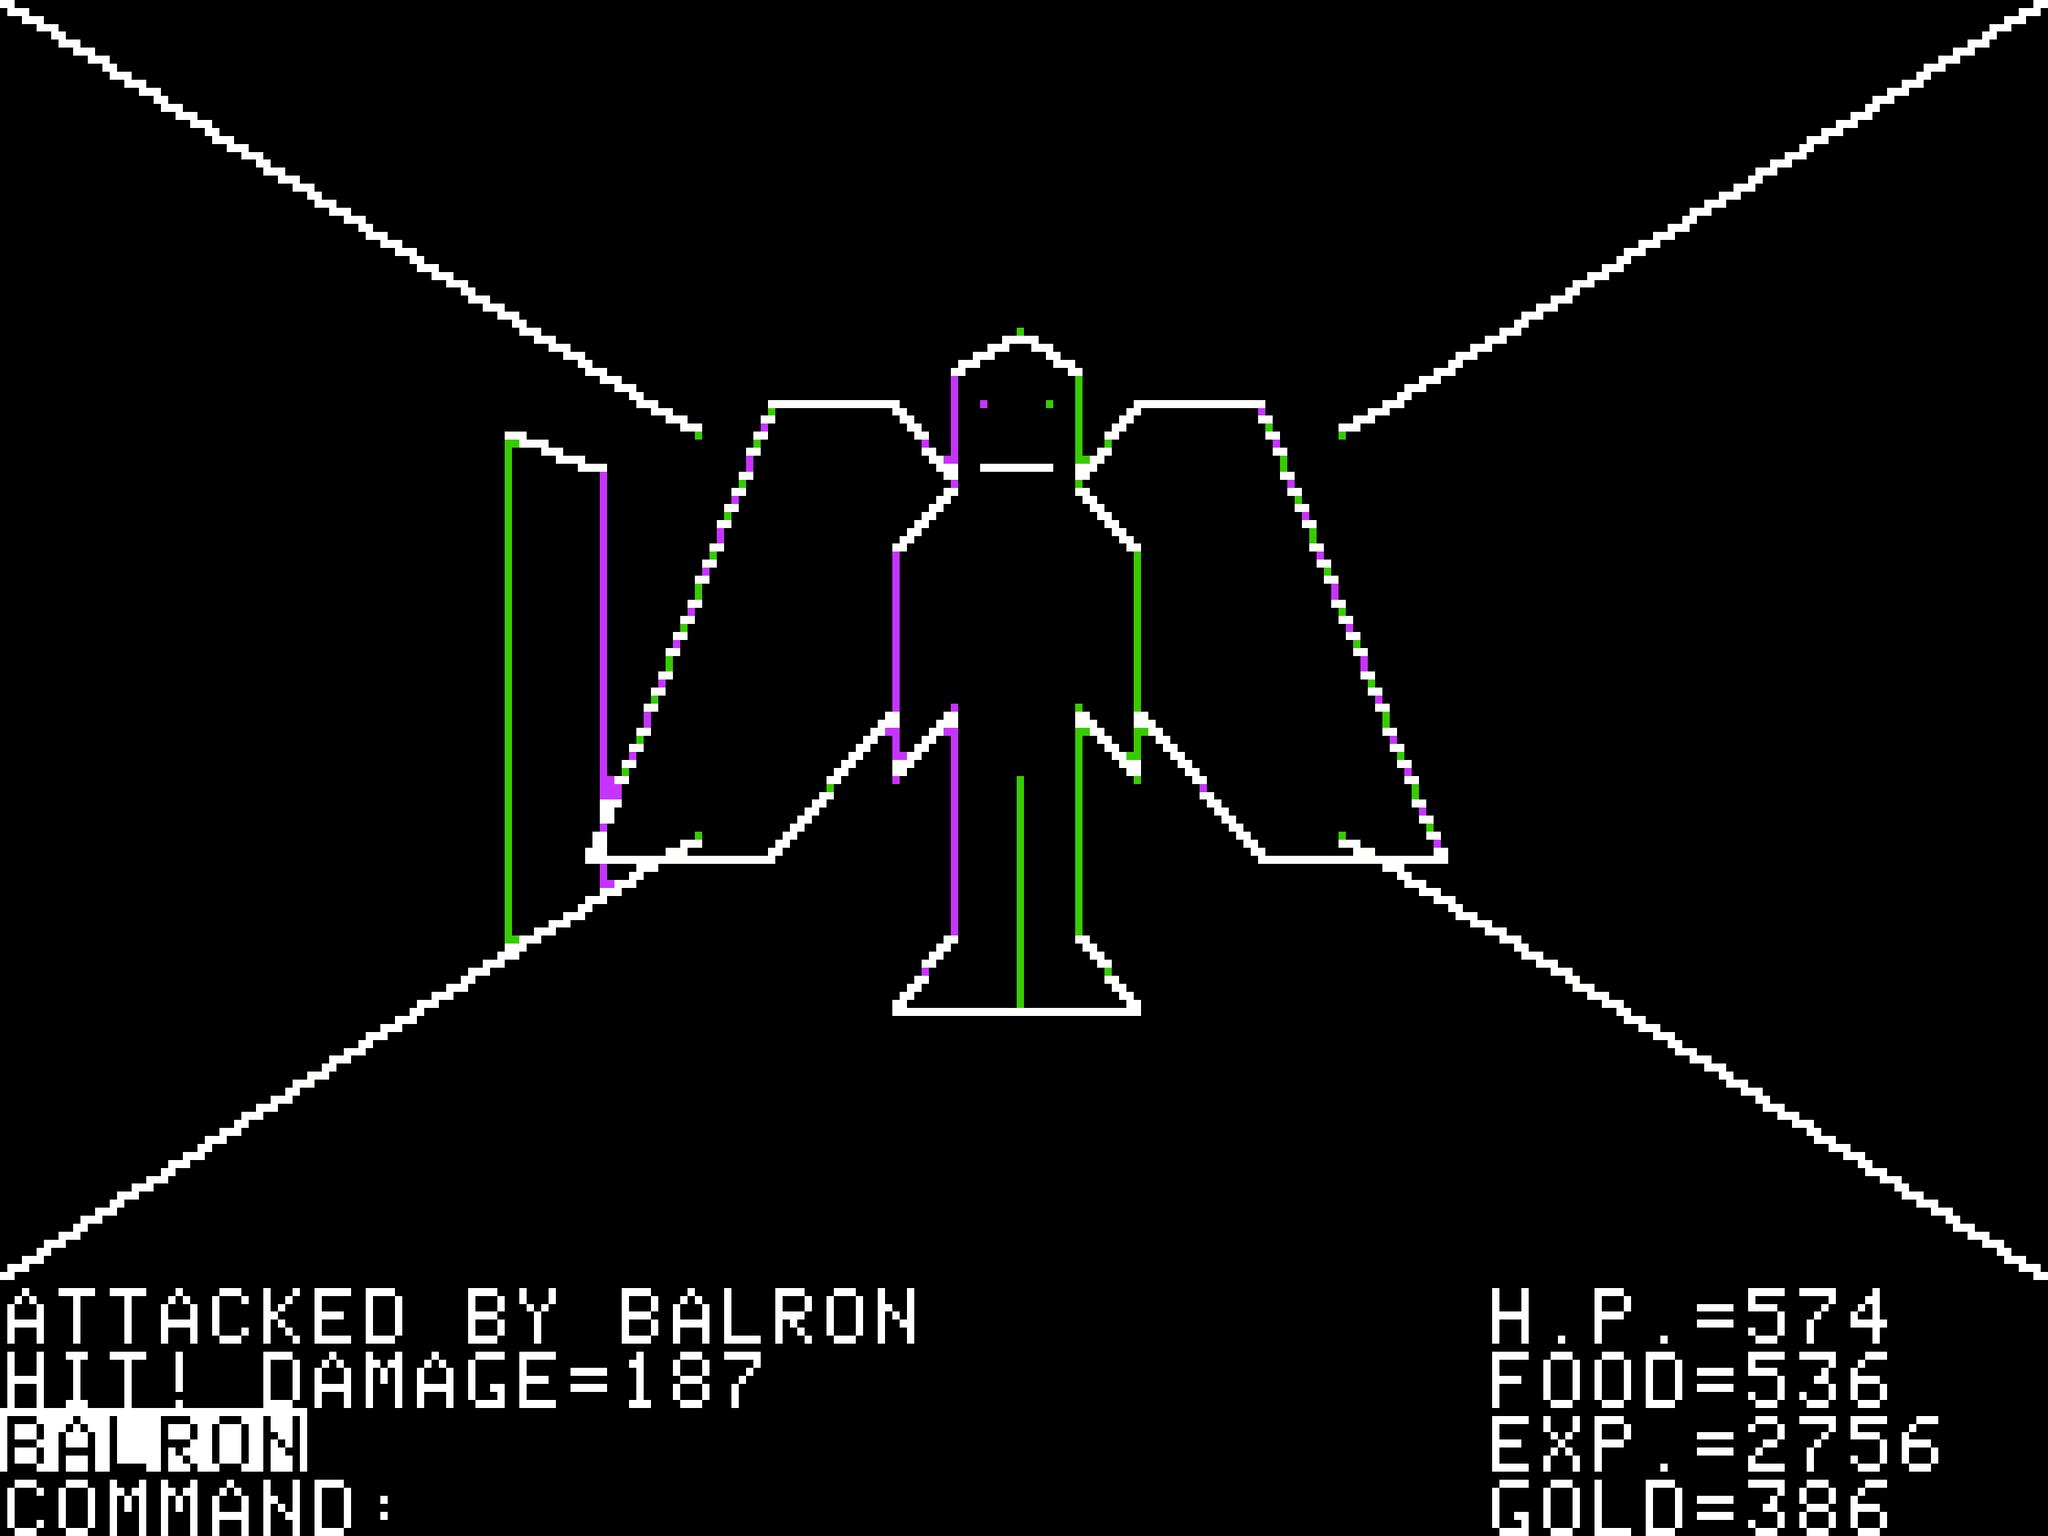 Esta era la perspectiva dentro del juego de Ultima... ni siquiera tenía música... malditamente genial.